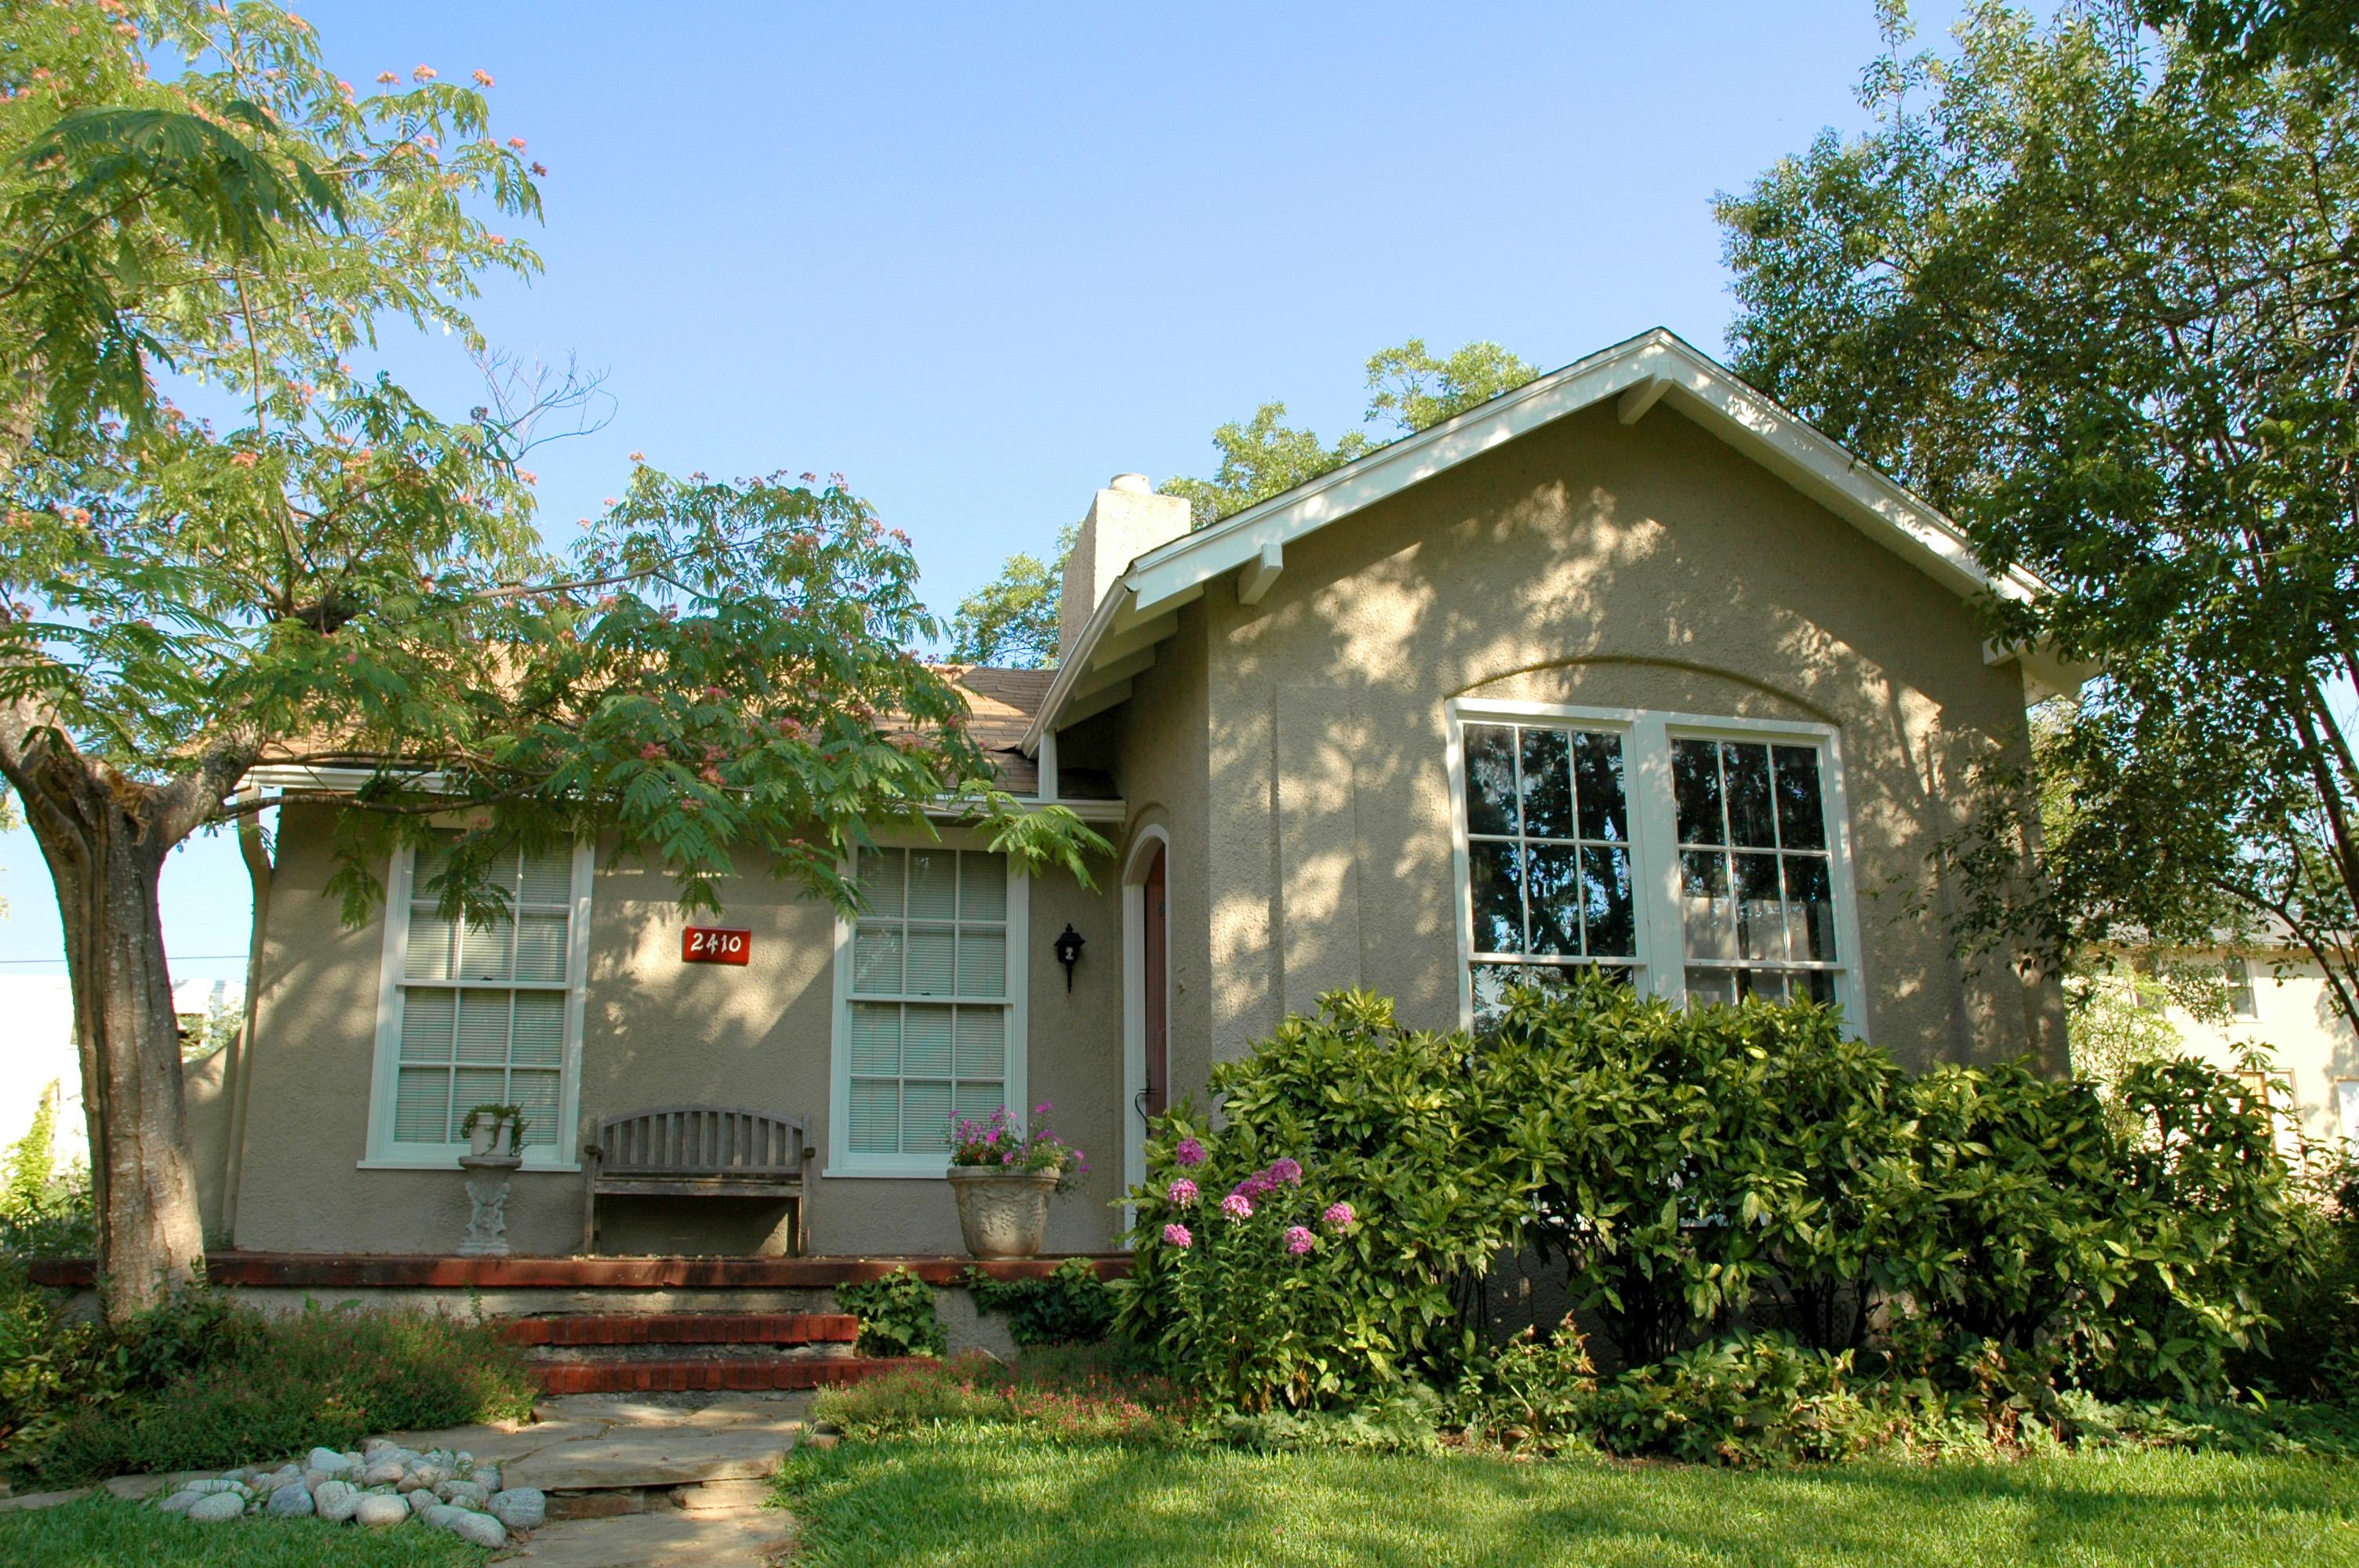 ... for Sale Texas http://realestatenewswire.com/homes-sale-dallas-tx